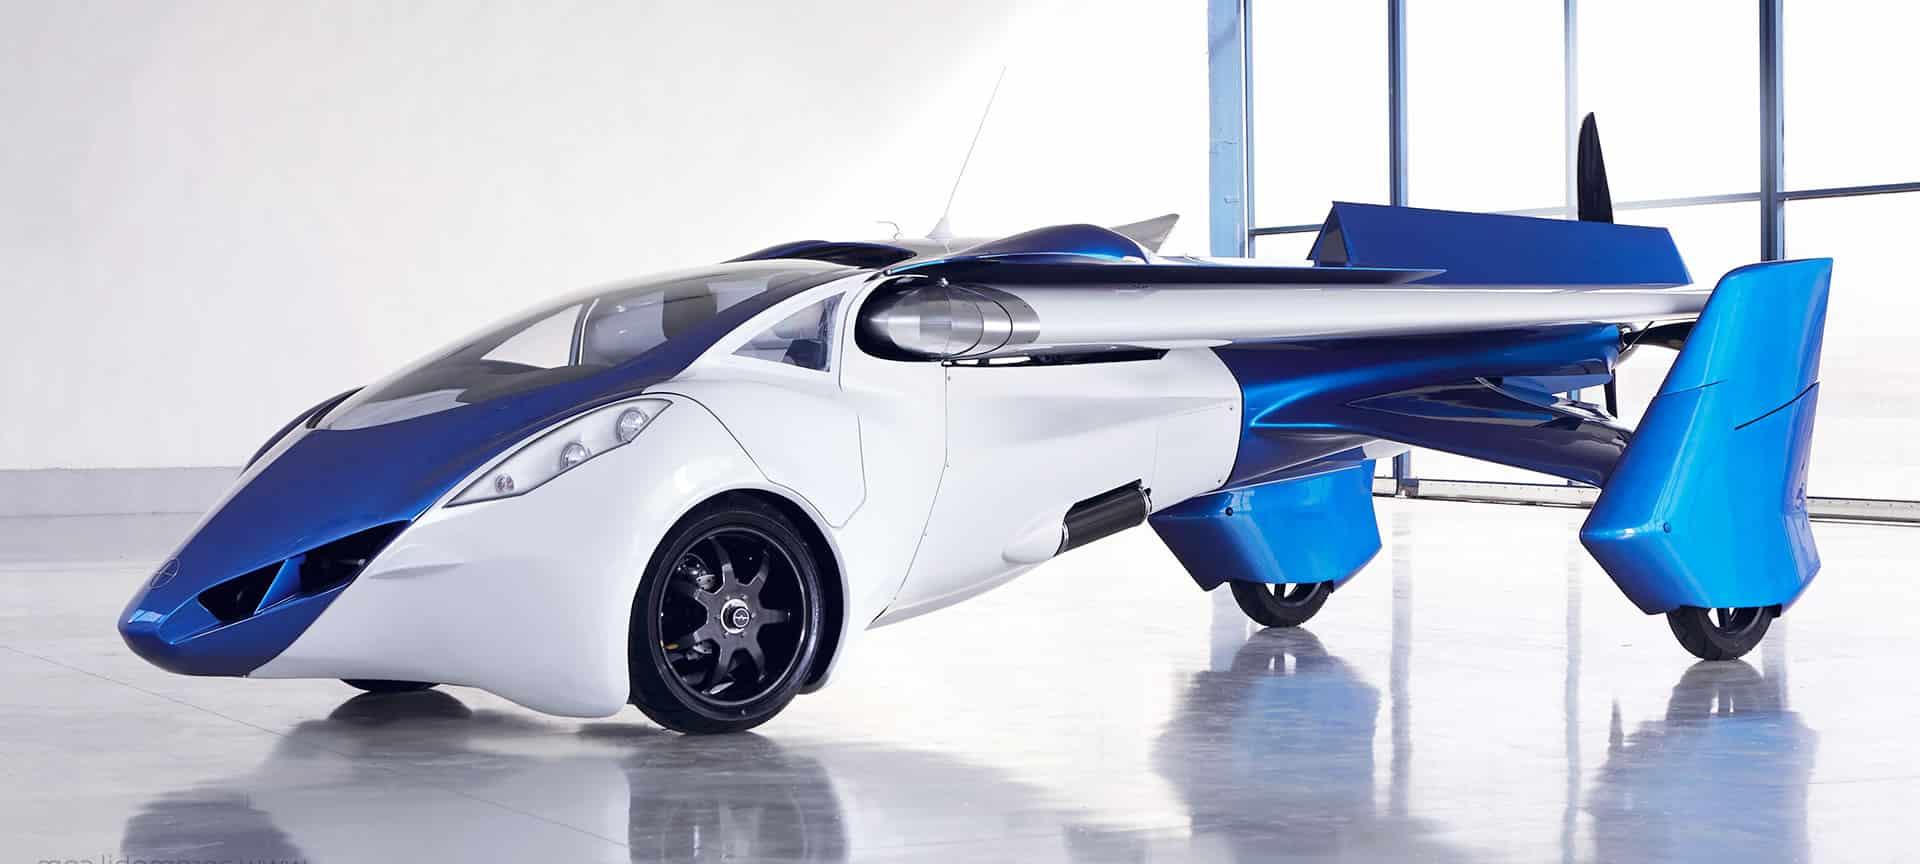 Así luce el vehículo volador Aeromobil 3.0 que te mostramos en este capítulo.